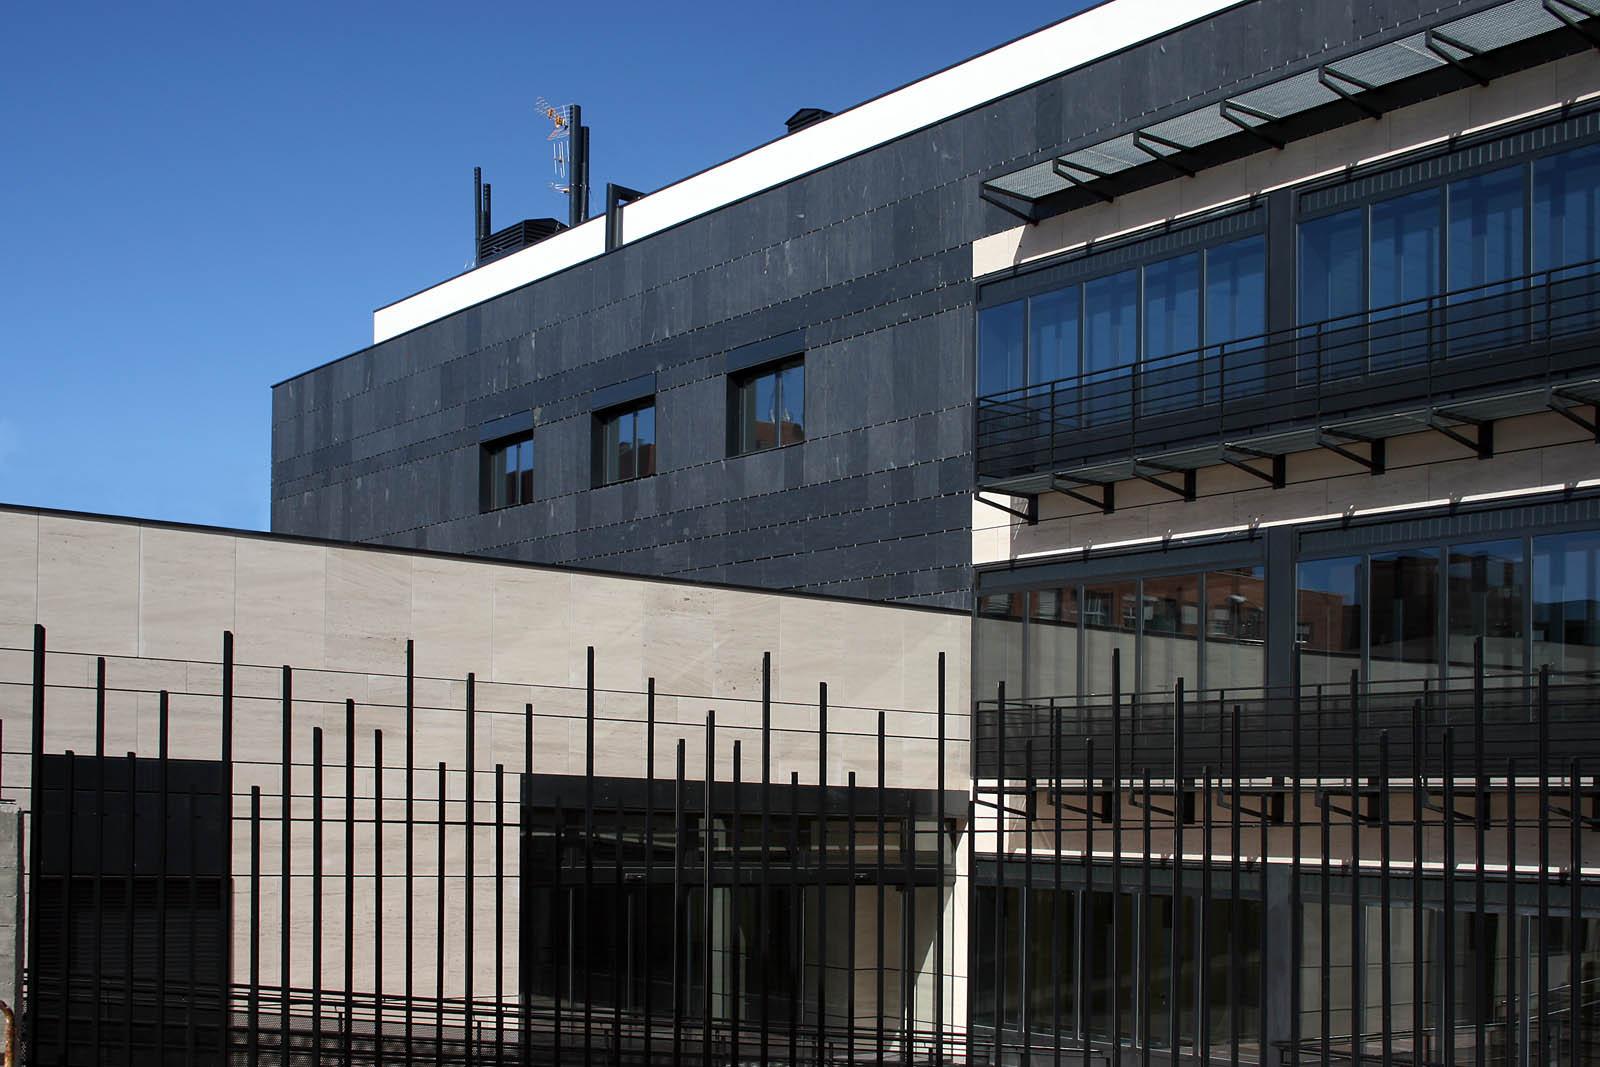 Galer a de residencia para mayores en madrid geed - Arquitectos madrid 2 0 ...